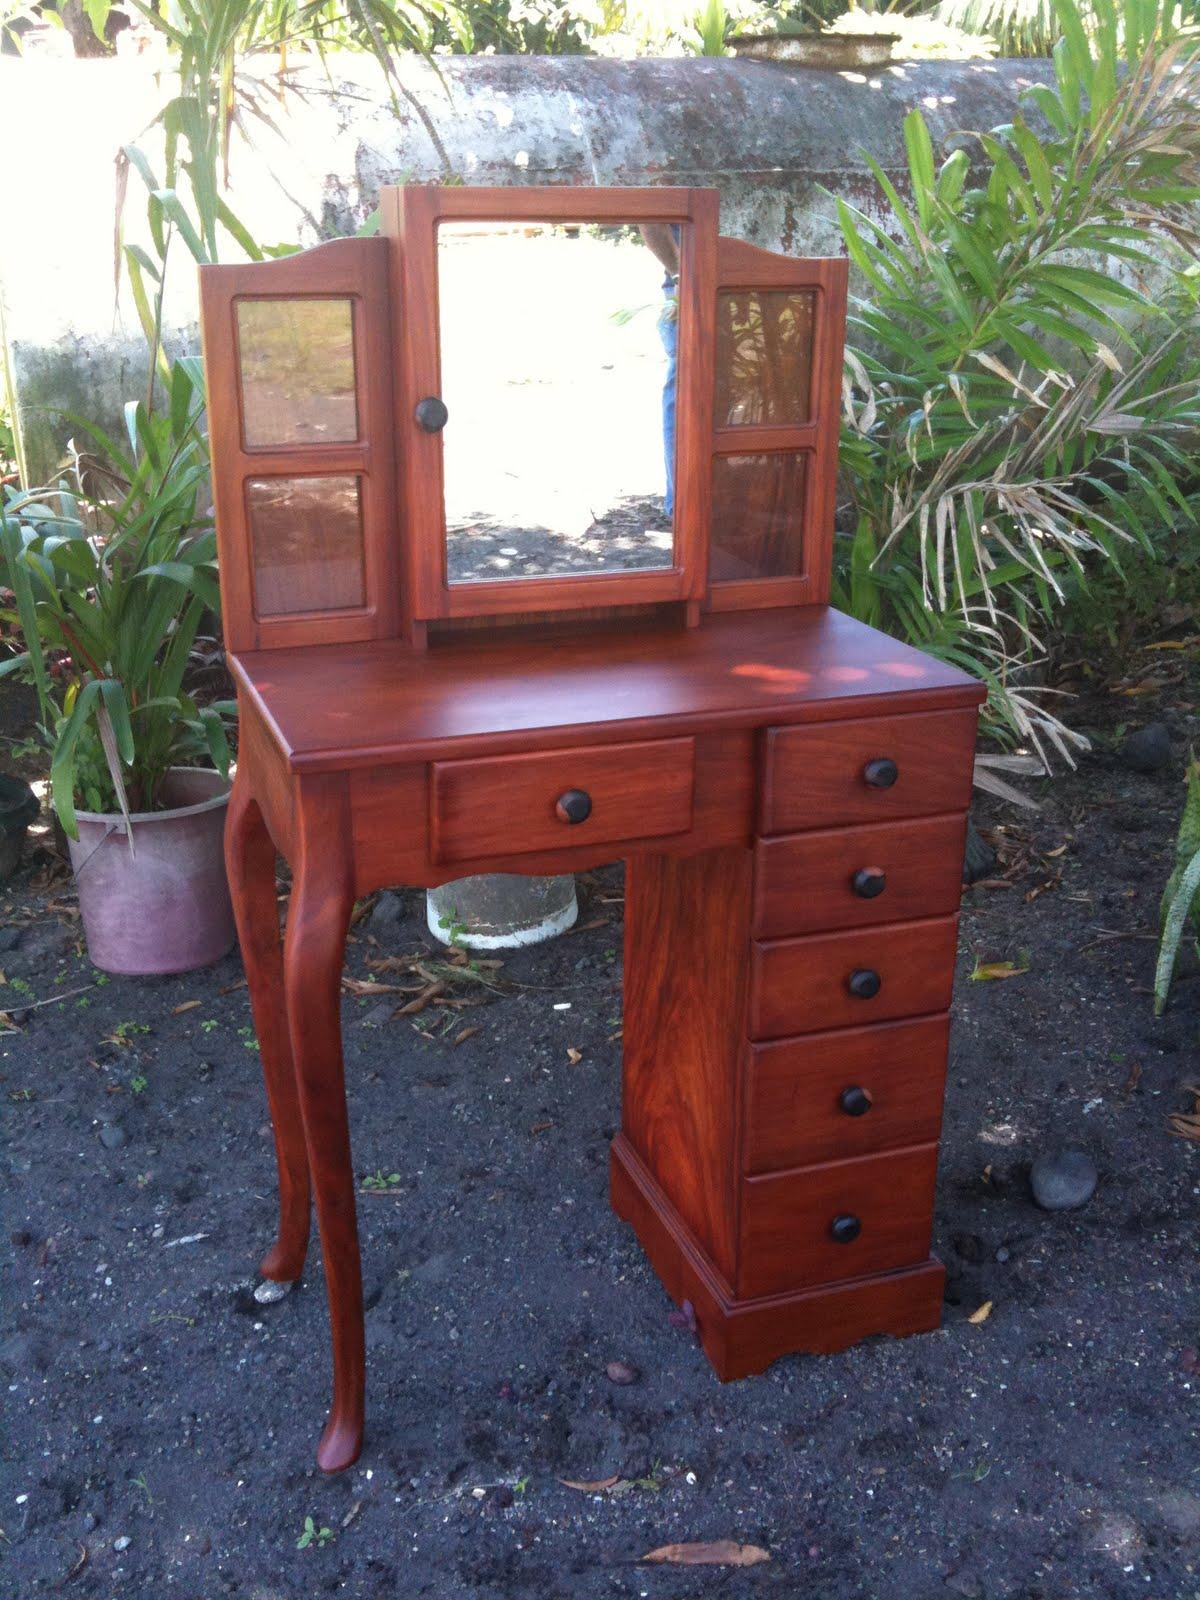 Yami Furnitures: Samut-saring Proyektong Kahoy